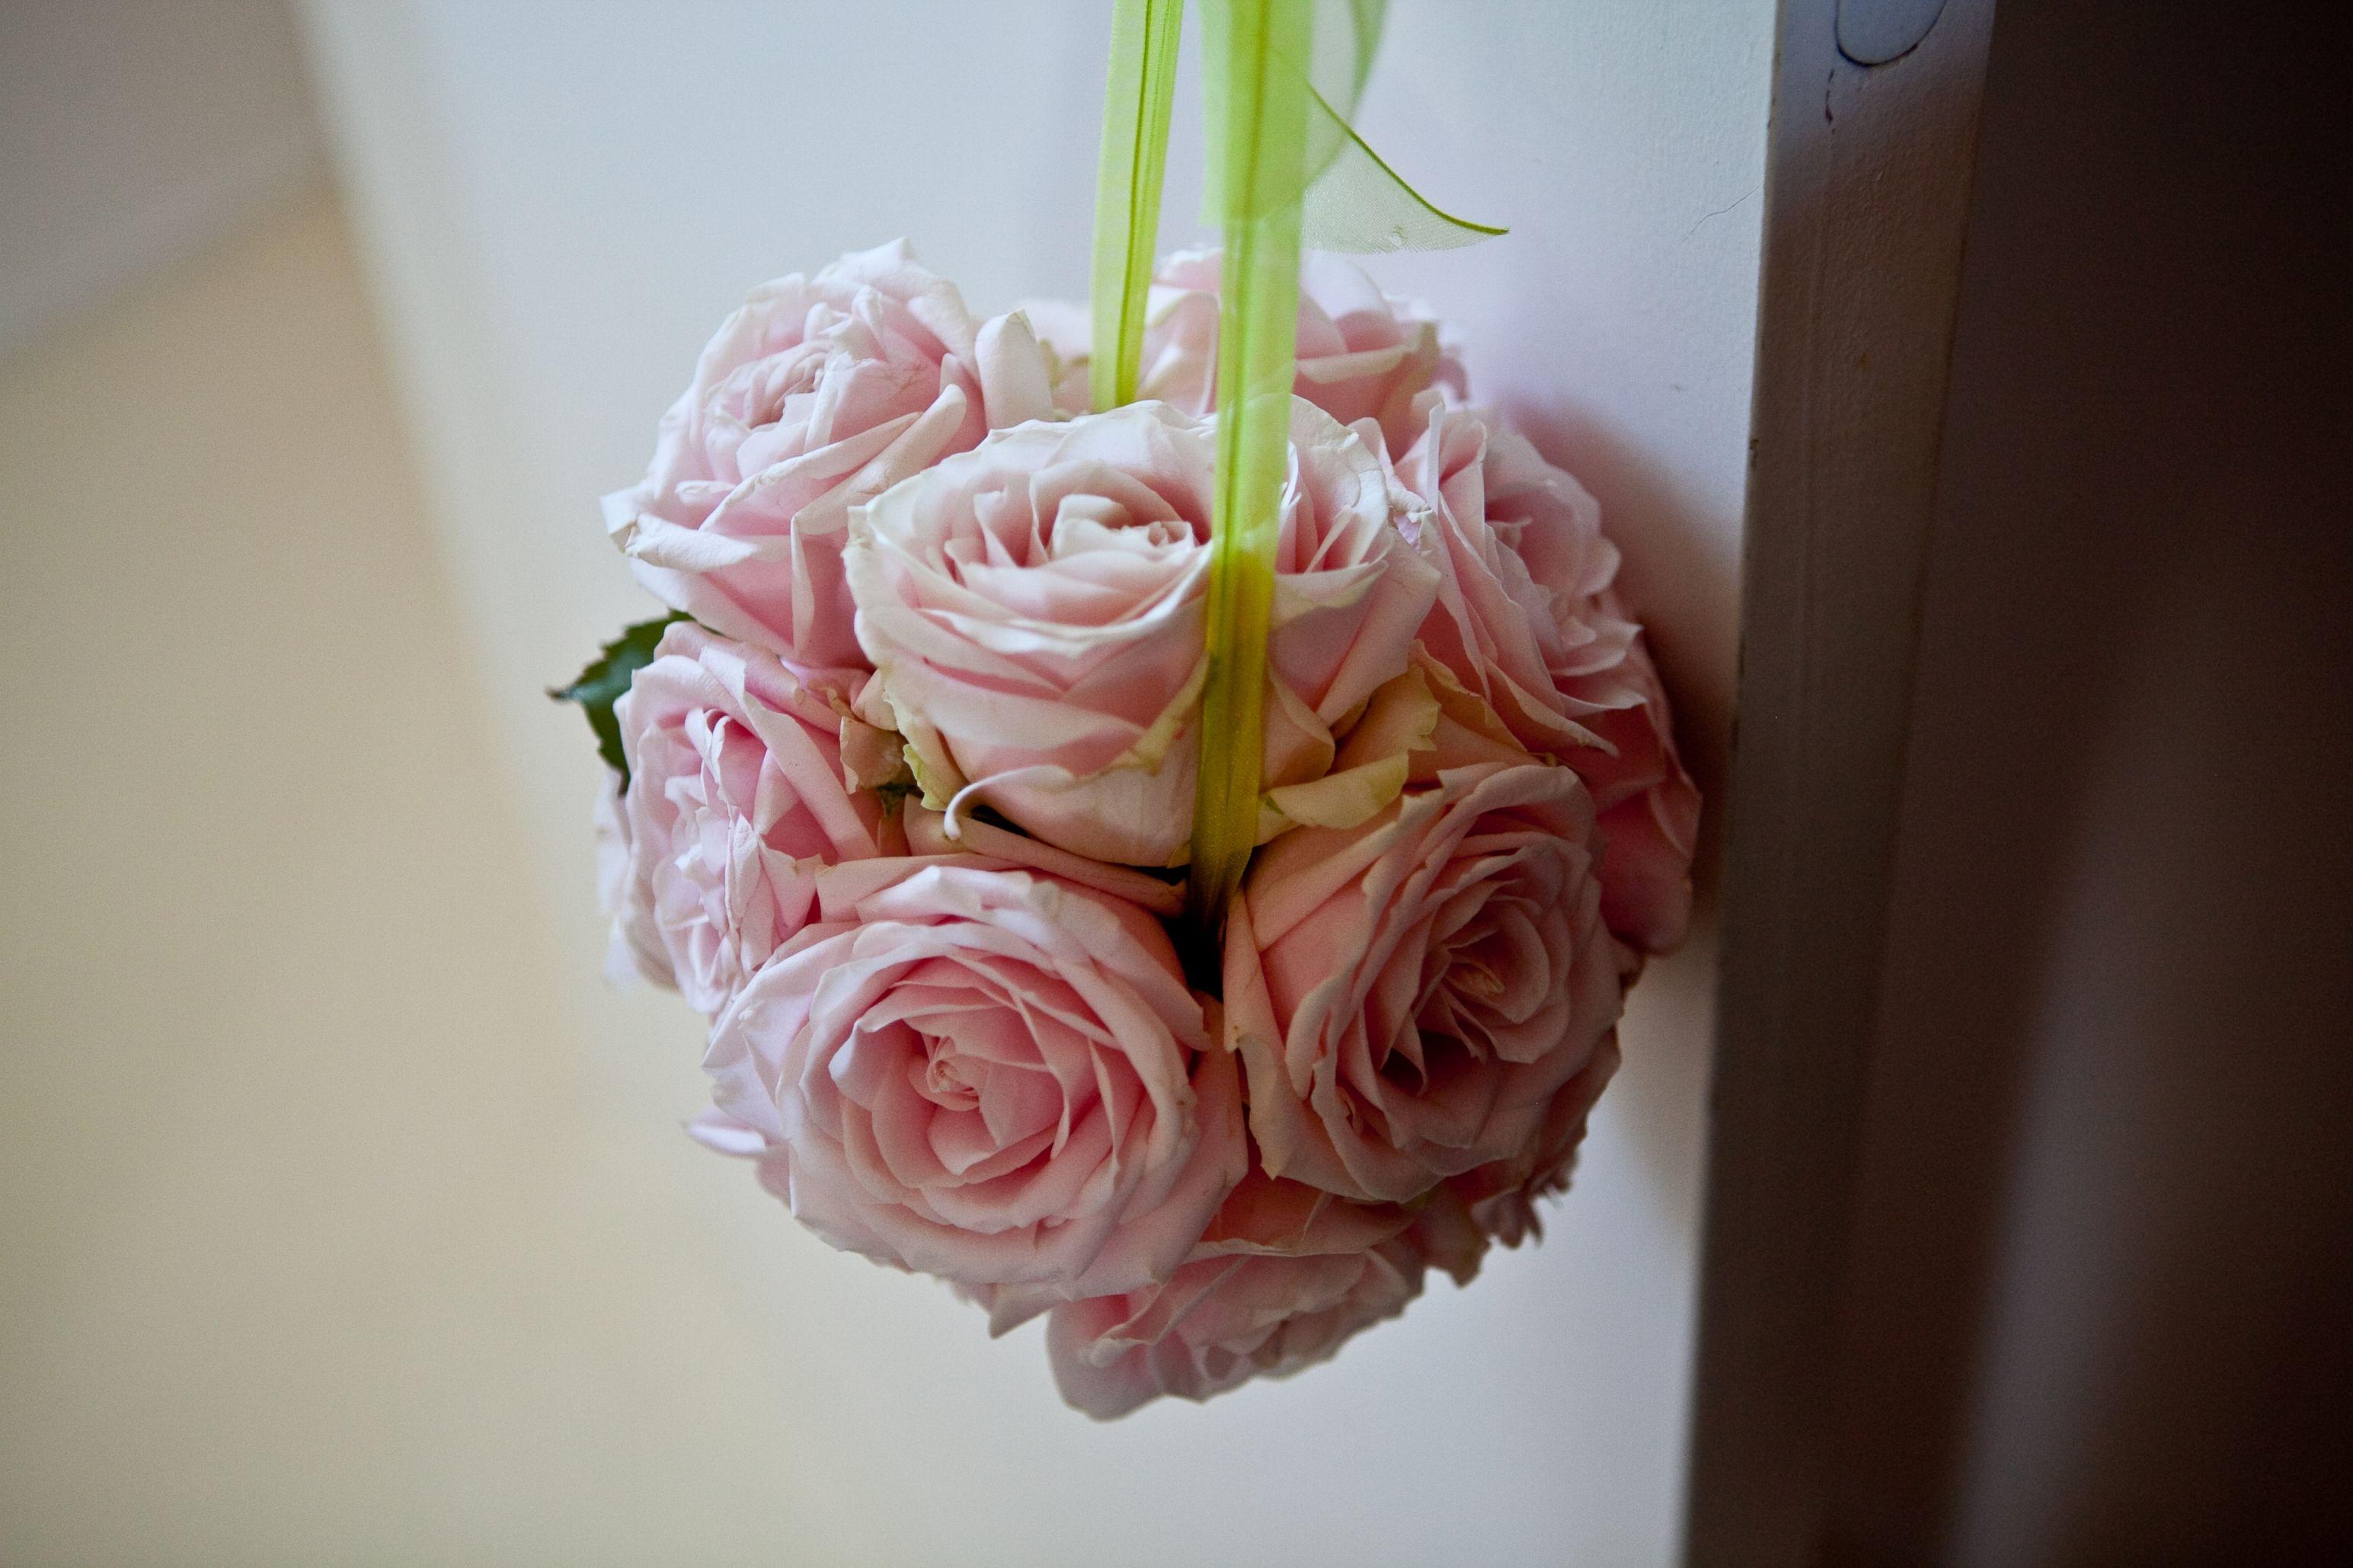 Bouquet de la mariée, rond de roses Nude, avec ruban de satin vert par A Fleur et à Mesure Photo Studio Cabrelli Agence d'organisation de mariage pour Anglais dans le Lubéron www.mariagedanslair.com